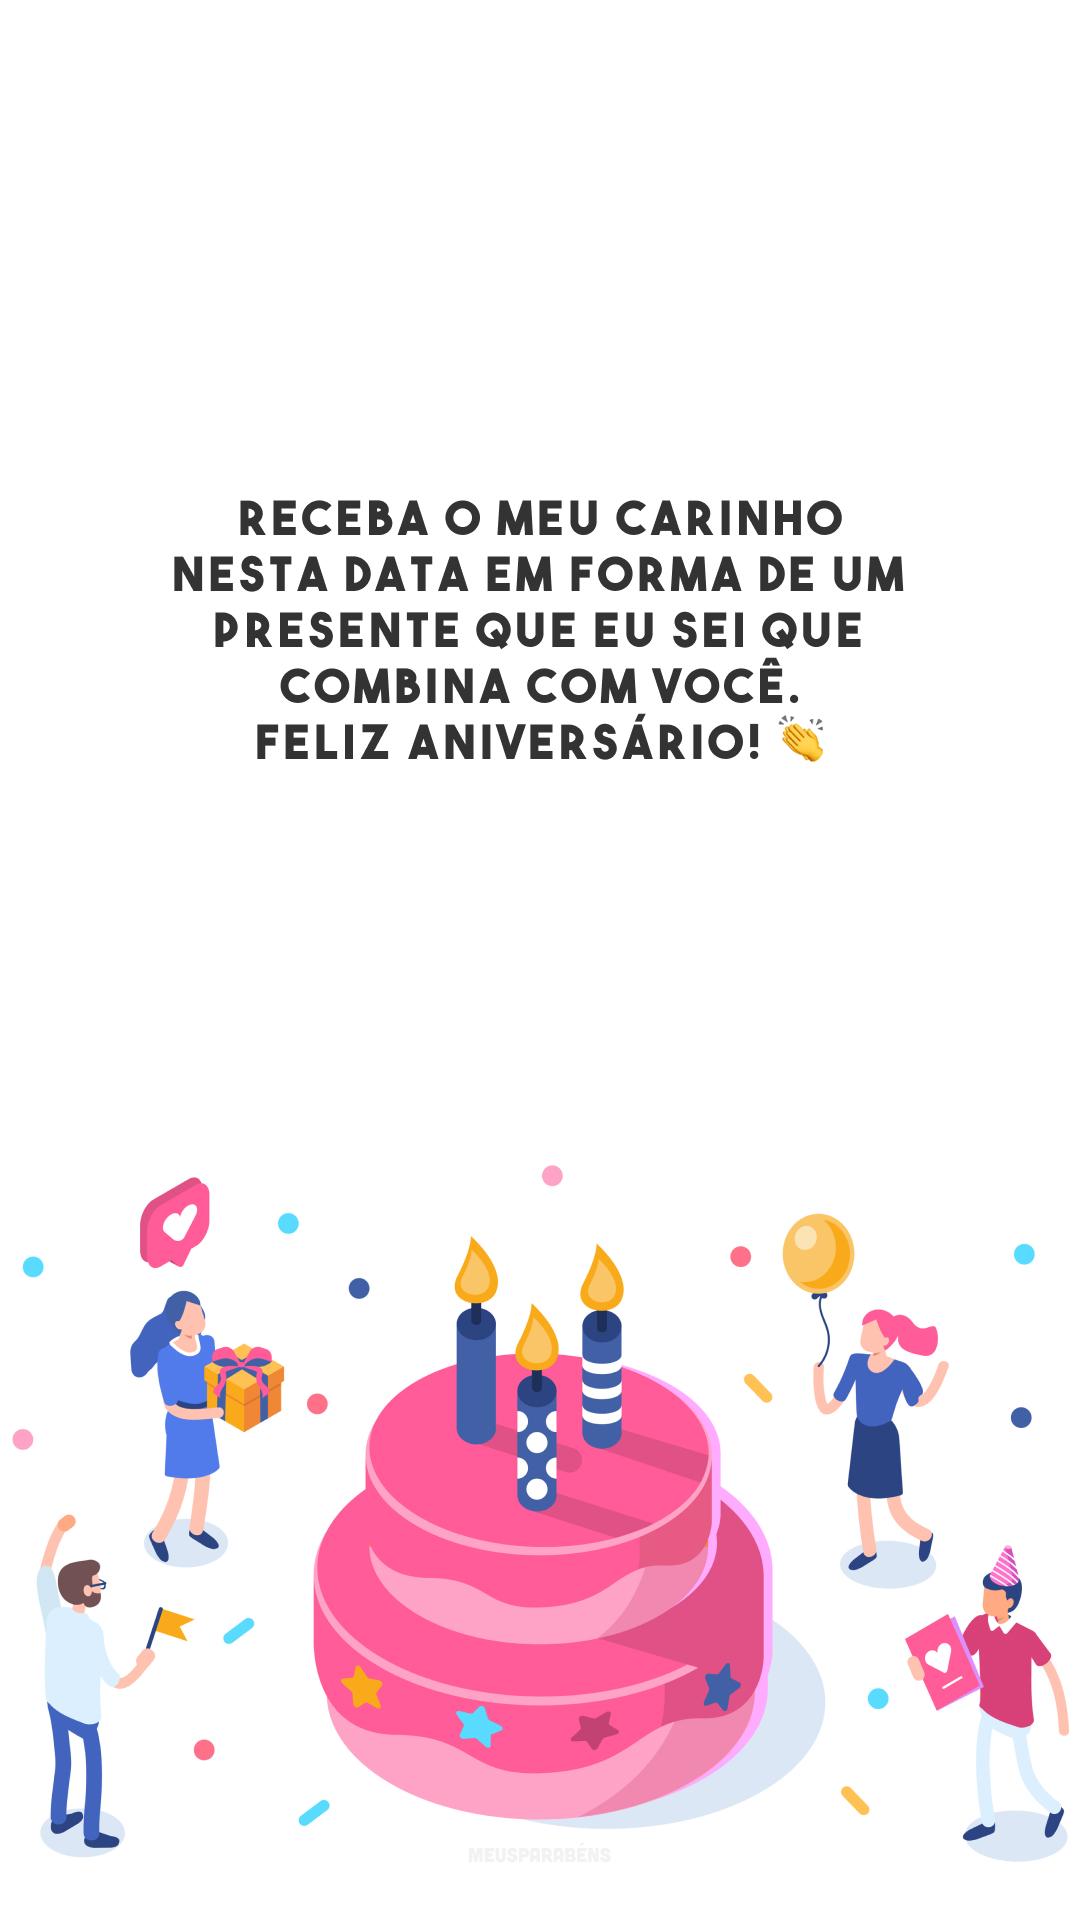 Receba o meu carinho nesta data em forma de um presente que eu sei que combina com você. Feliz aniversário! 👏